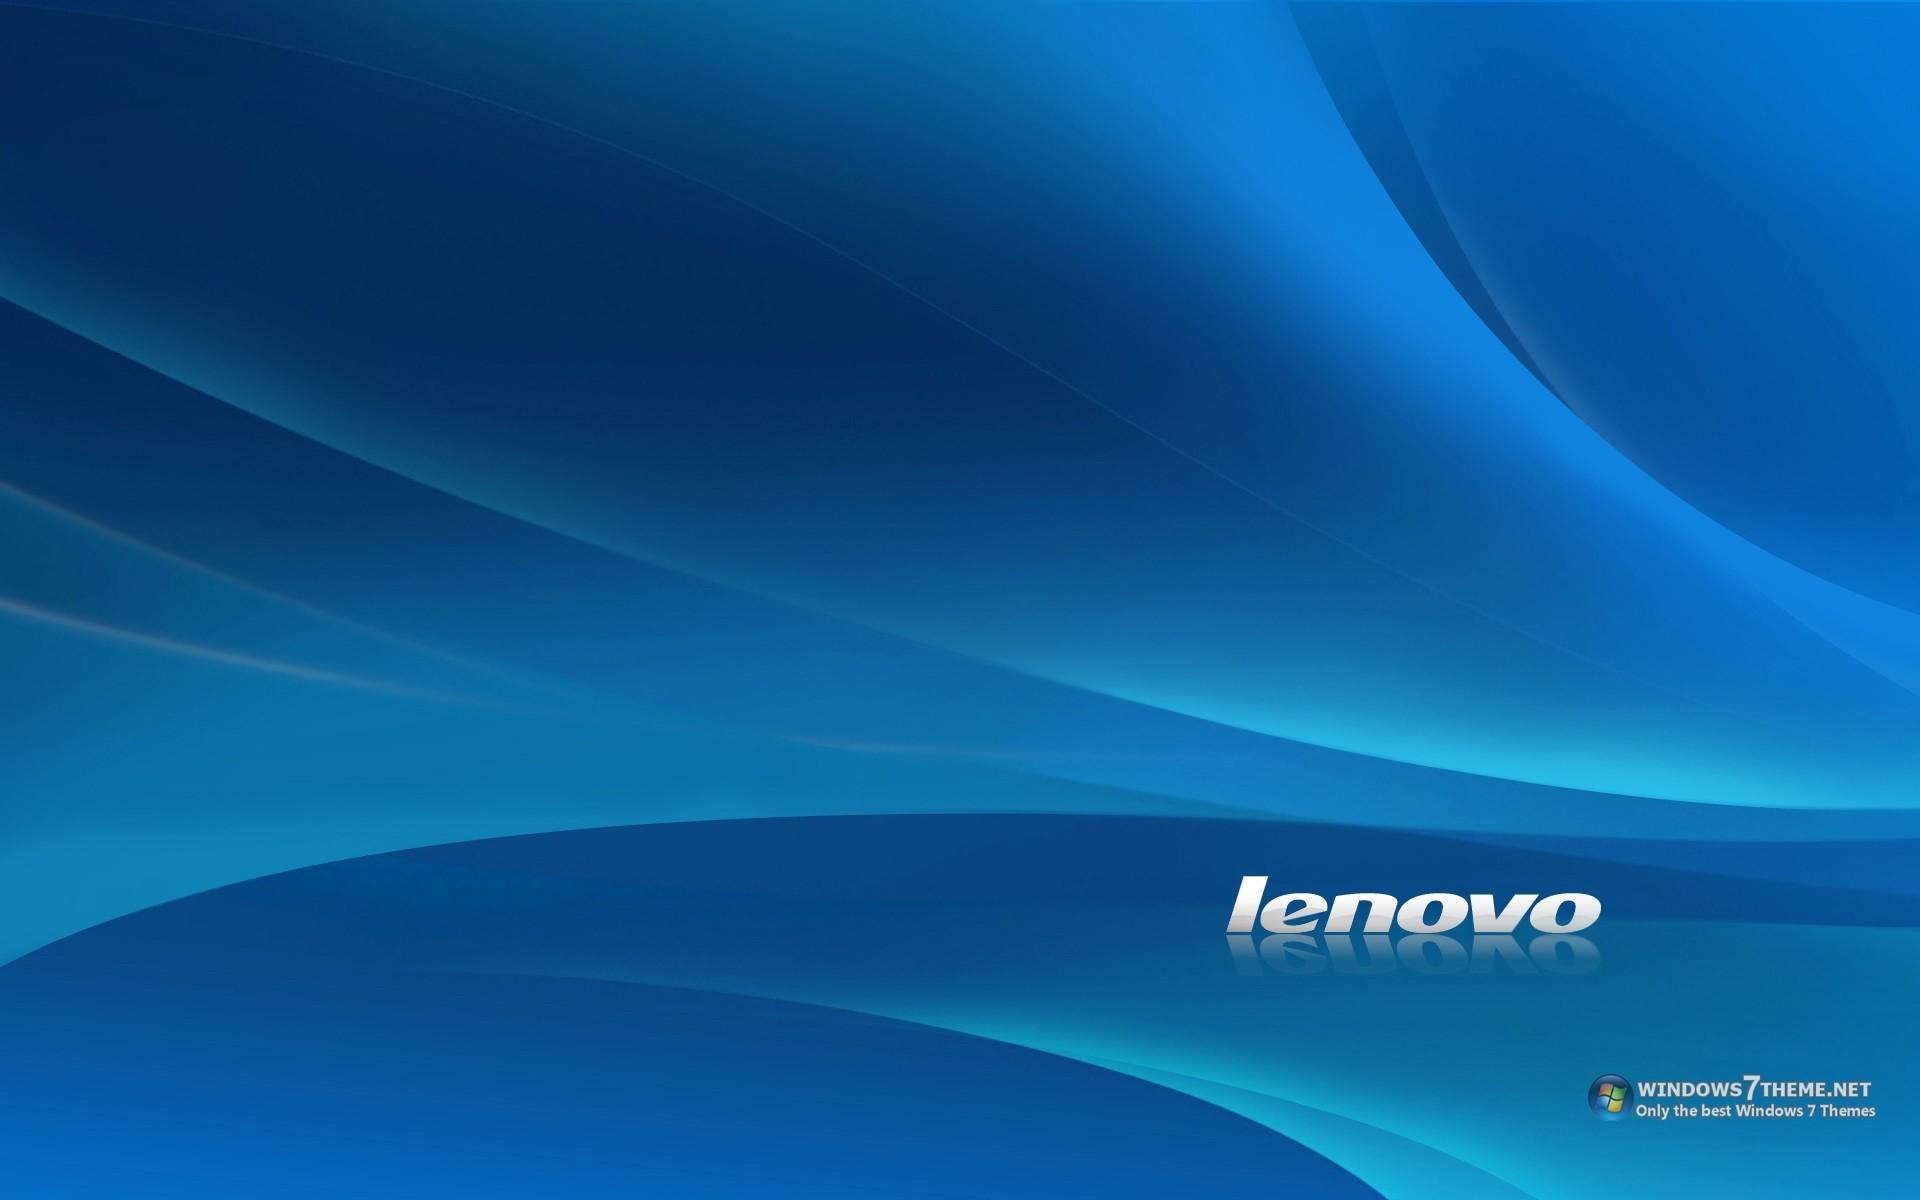 … Lenovo wallpaper 10 …